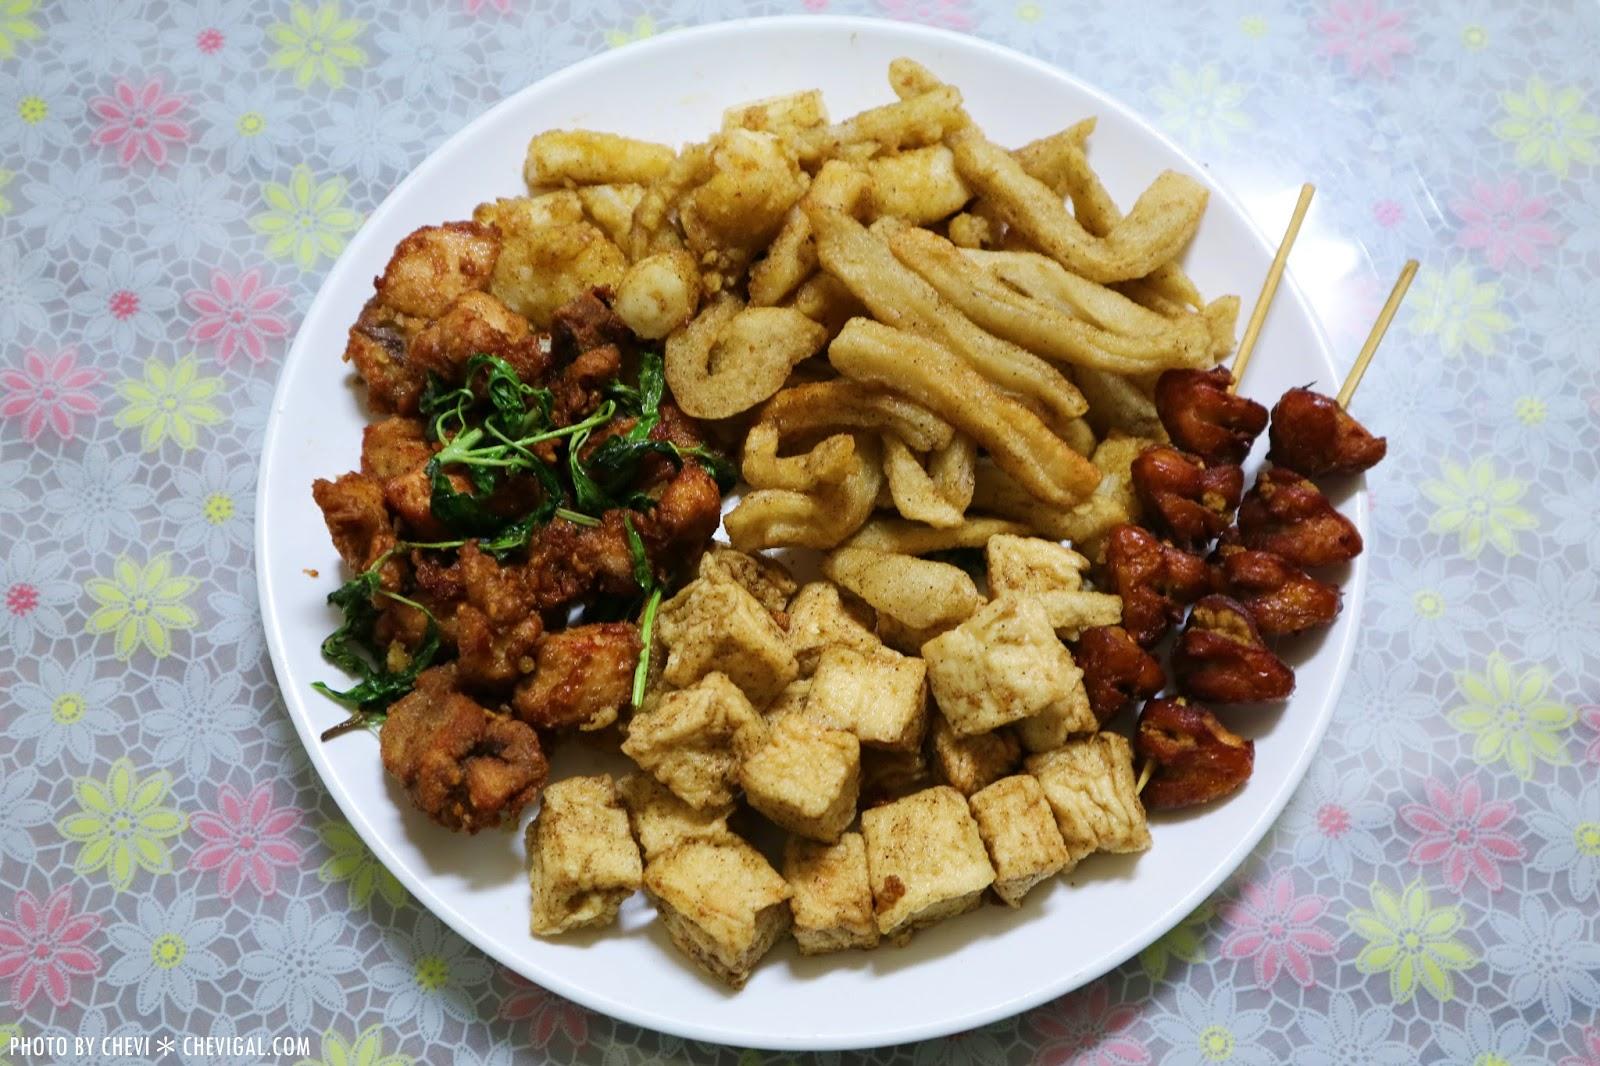 IMG 0528 - 台中烏日│香香鹽酥雞。飄香二十年的好滋味。一週只開四天別撲空囉